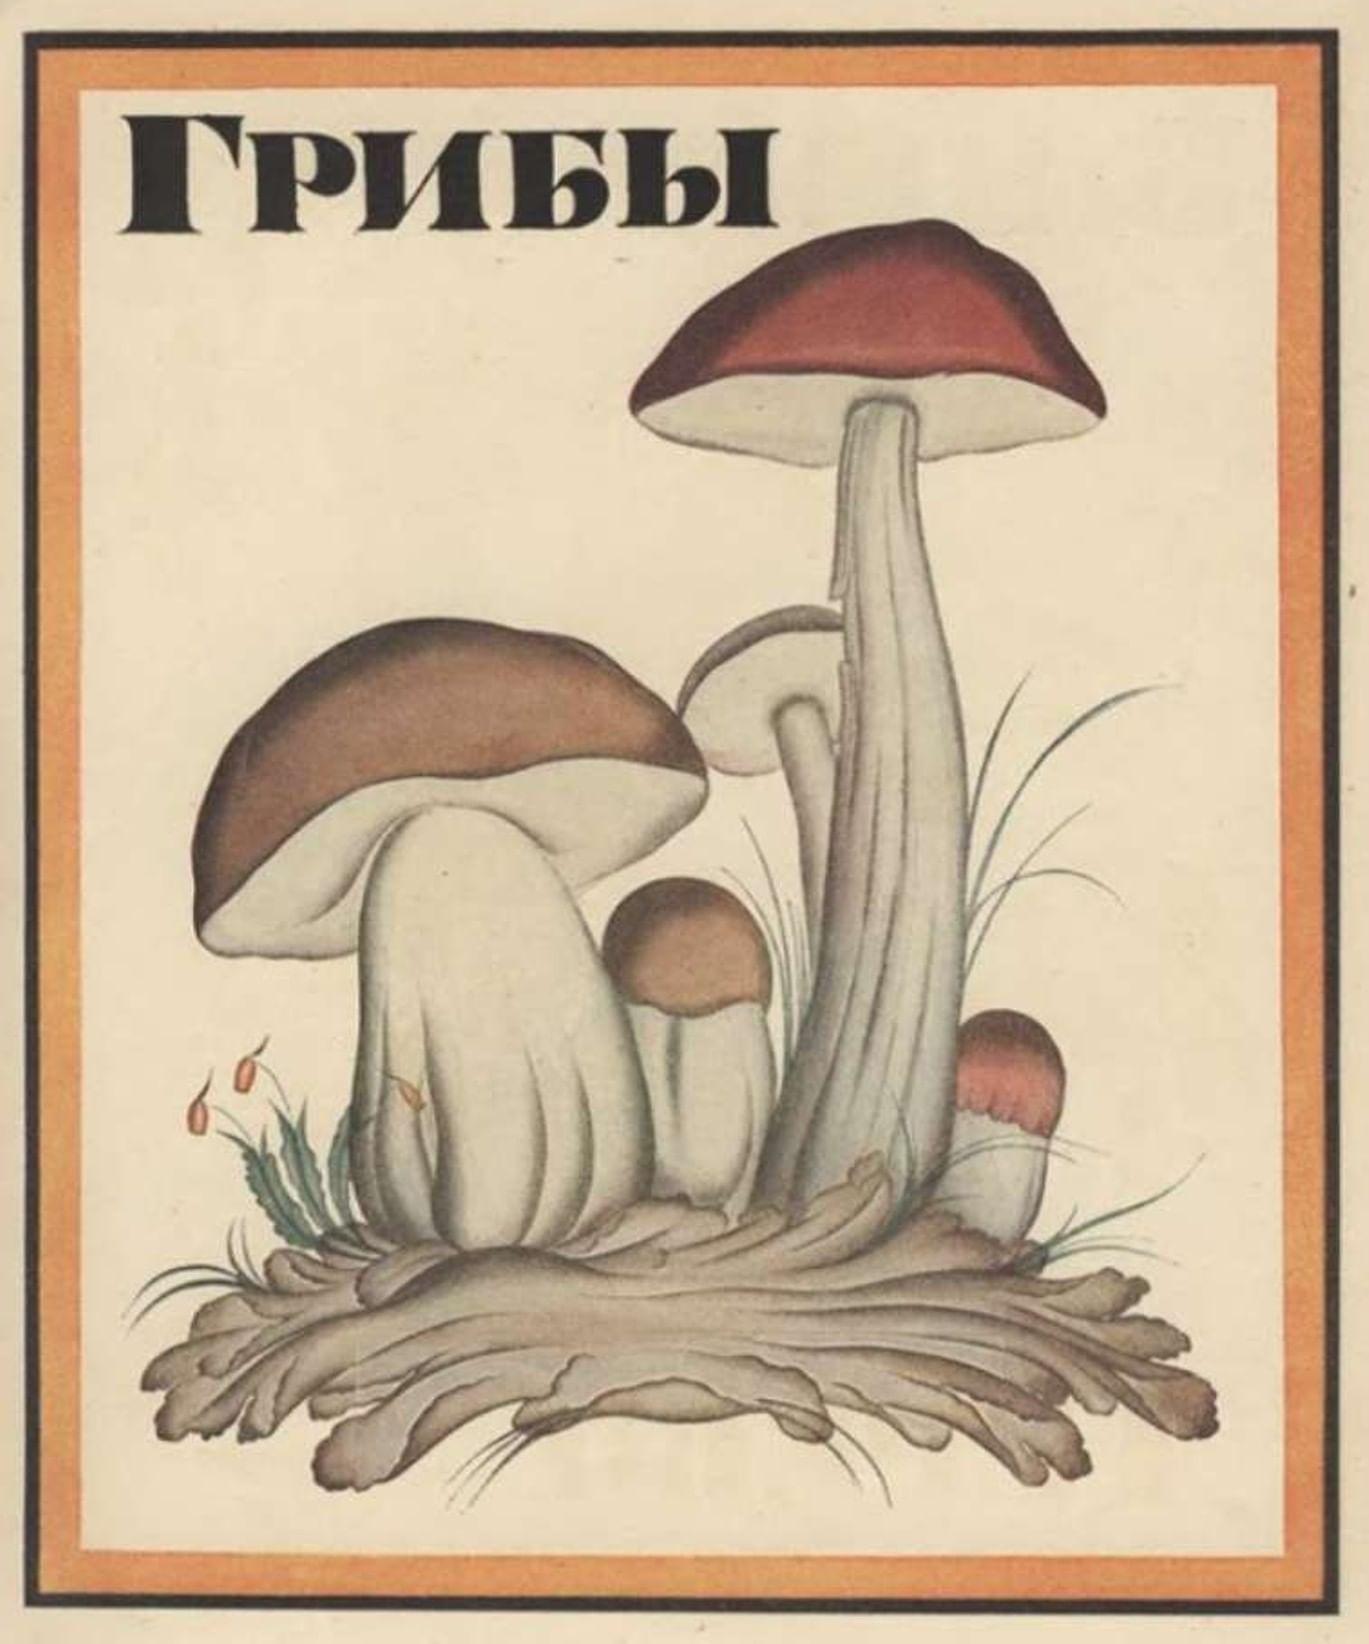 Букварь на службе ликбеза. Галерея 1. Владимир Конашевич